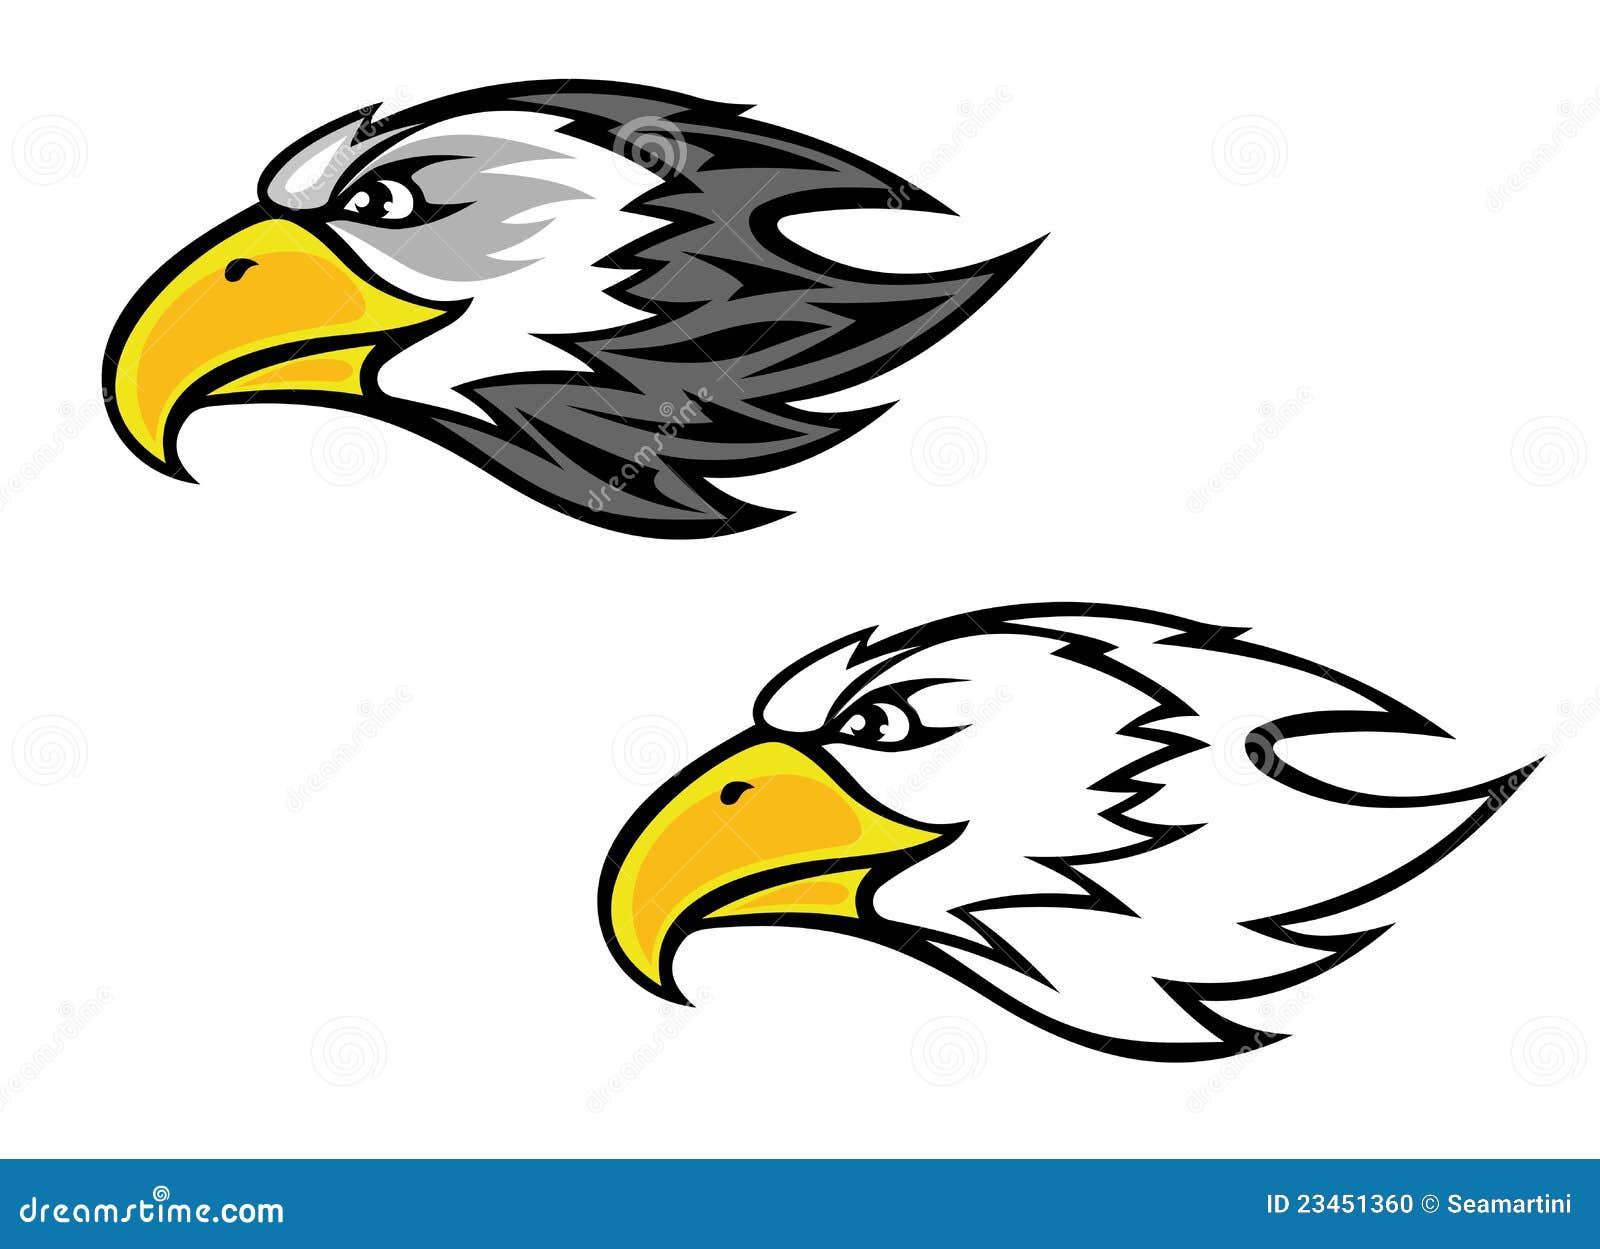 Mascotte de faucon illustration de vecteur illustration - Dessin de faucon ...